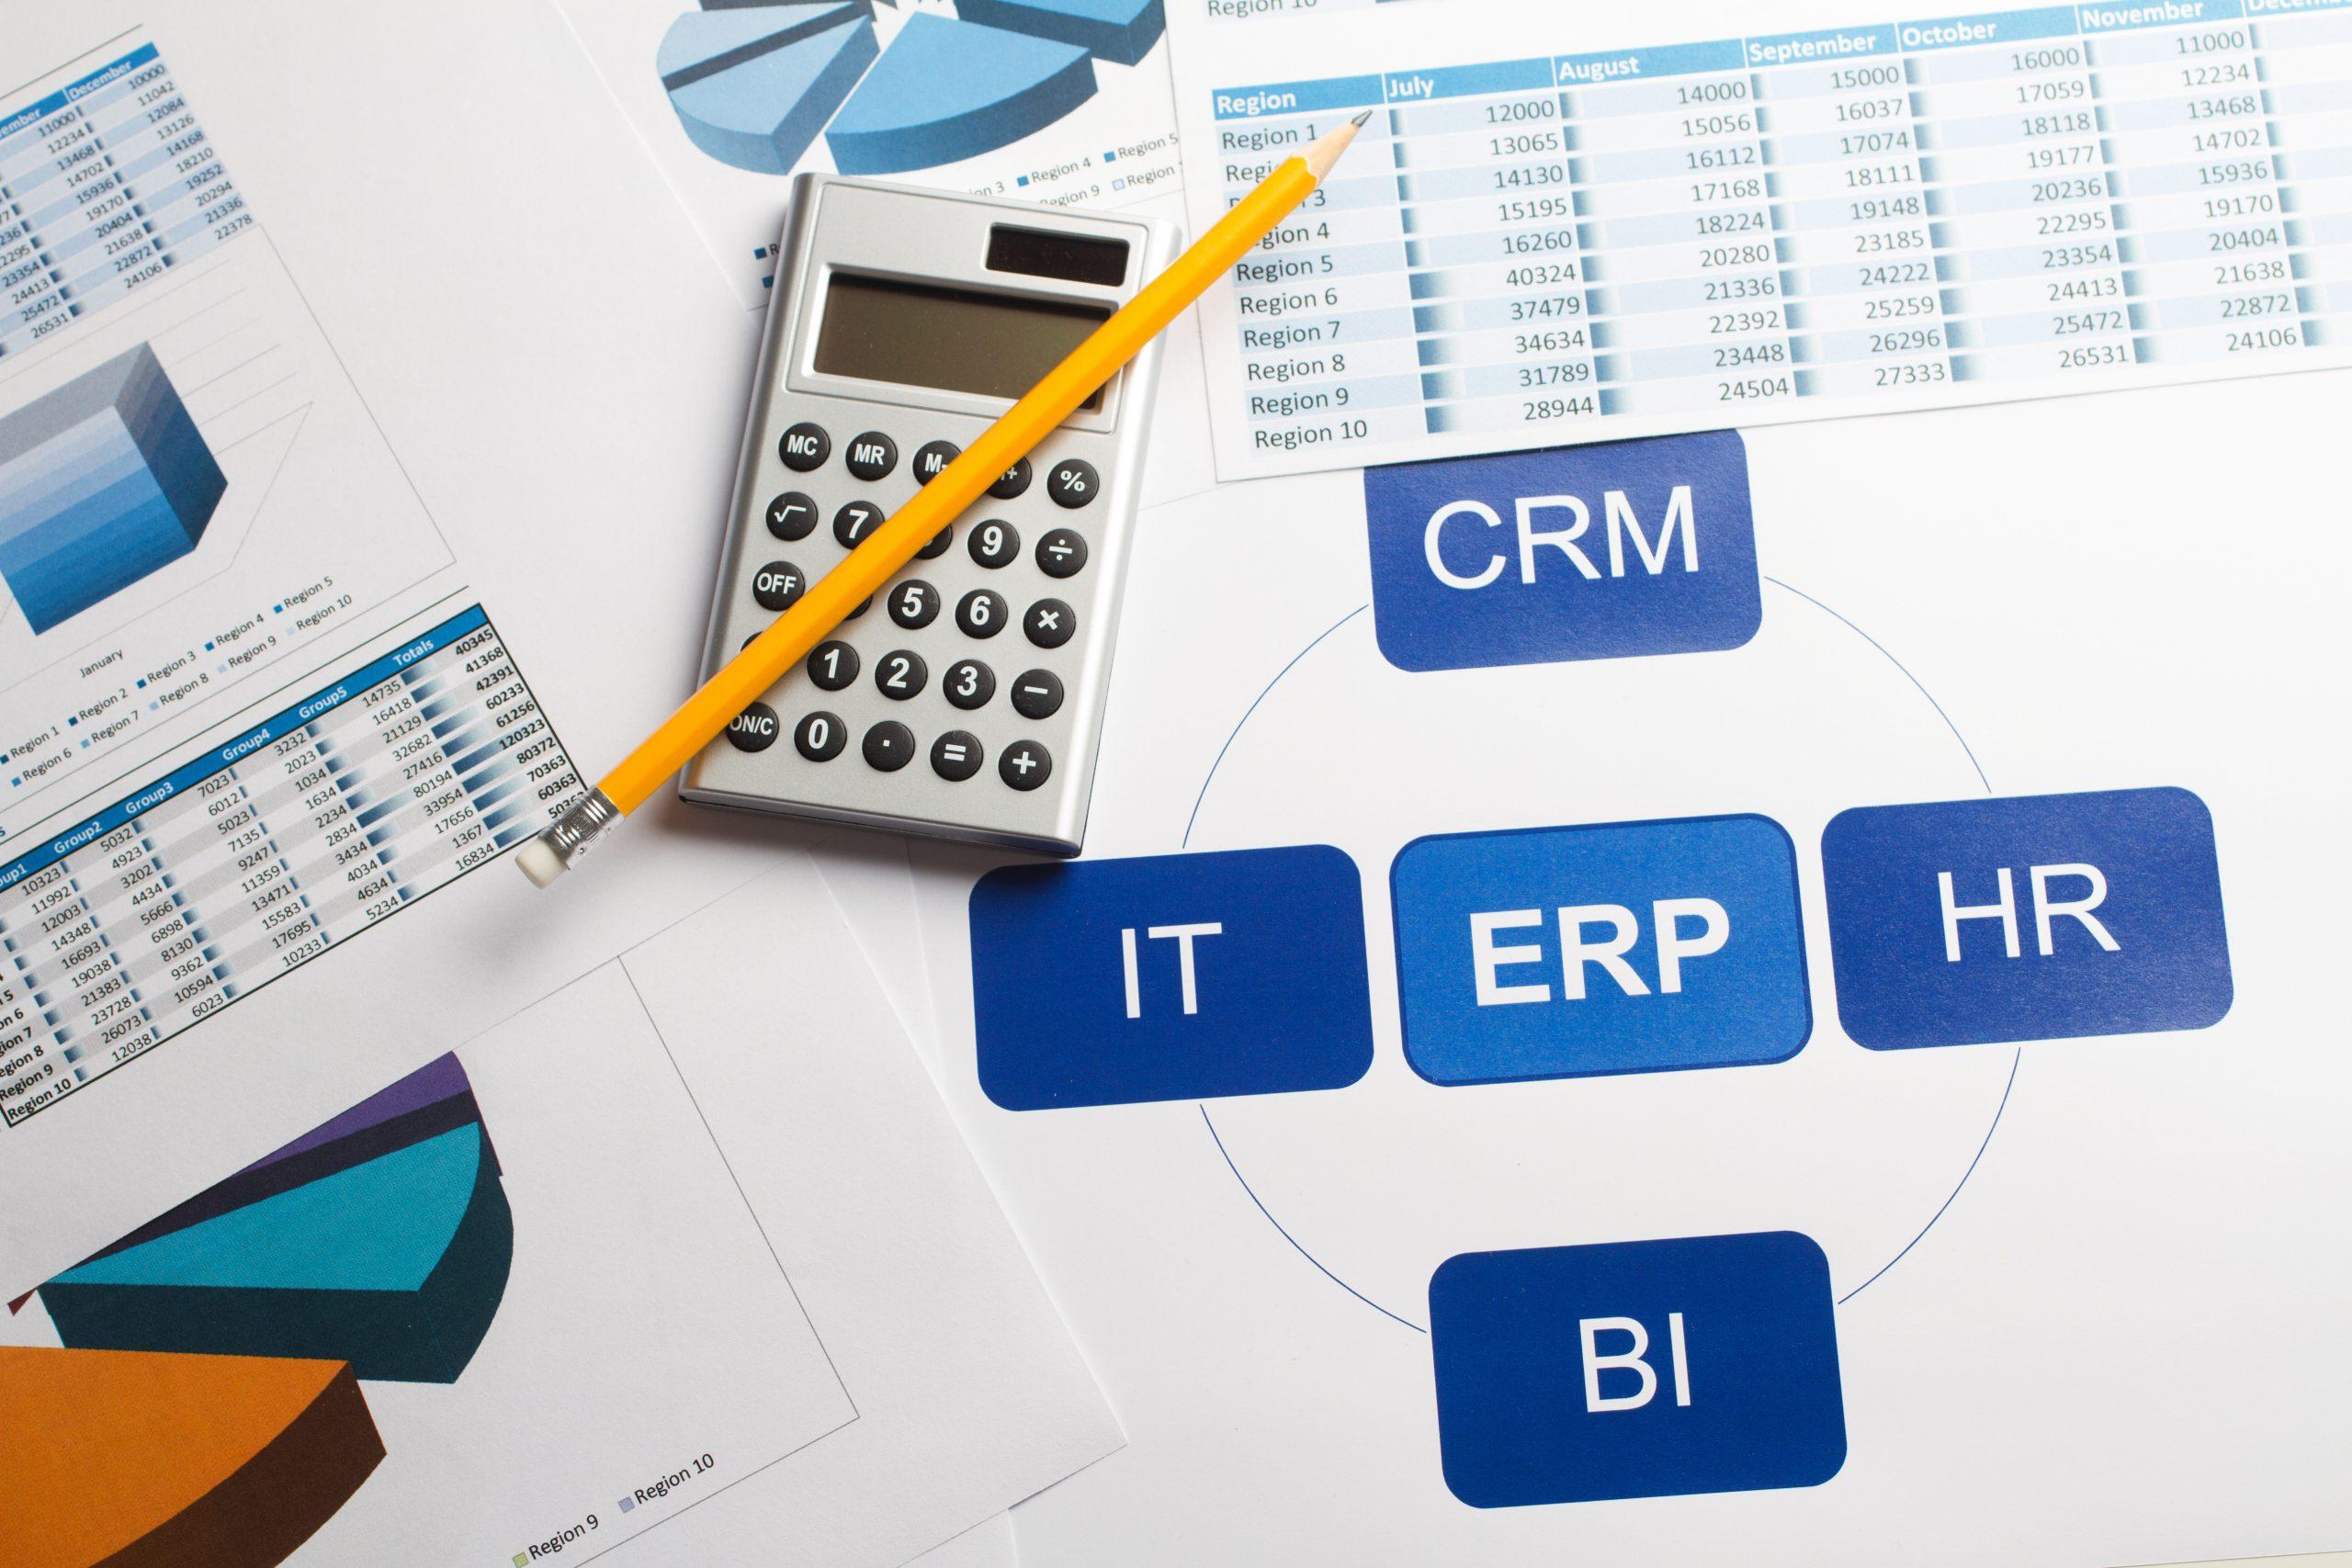 Gérer votre entreprise avec un ERP et un CRM